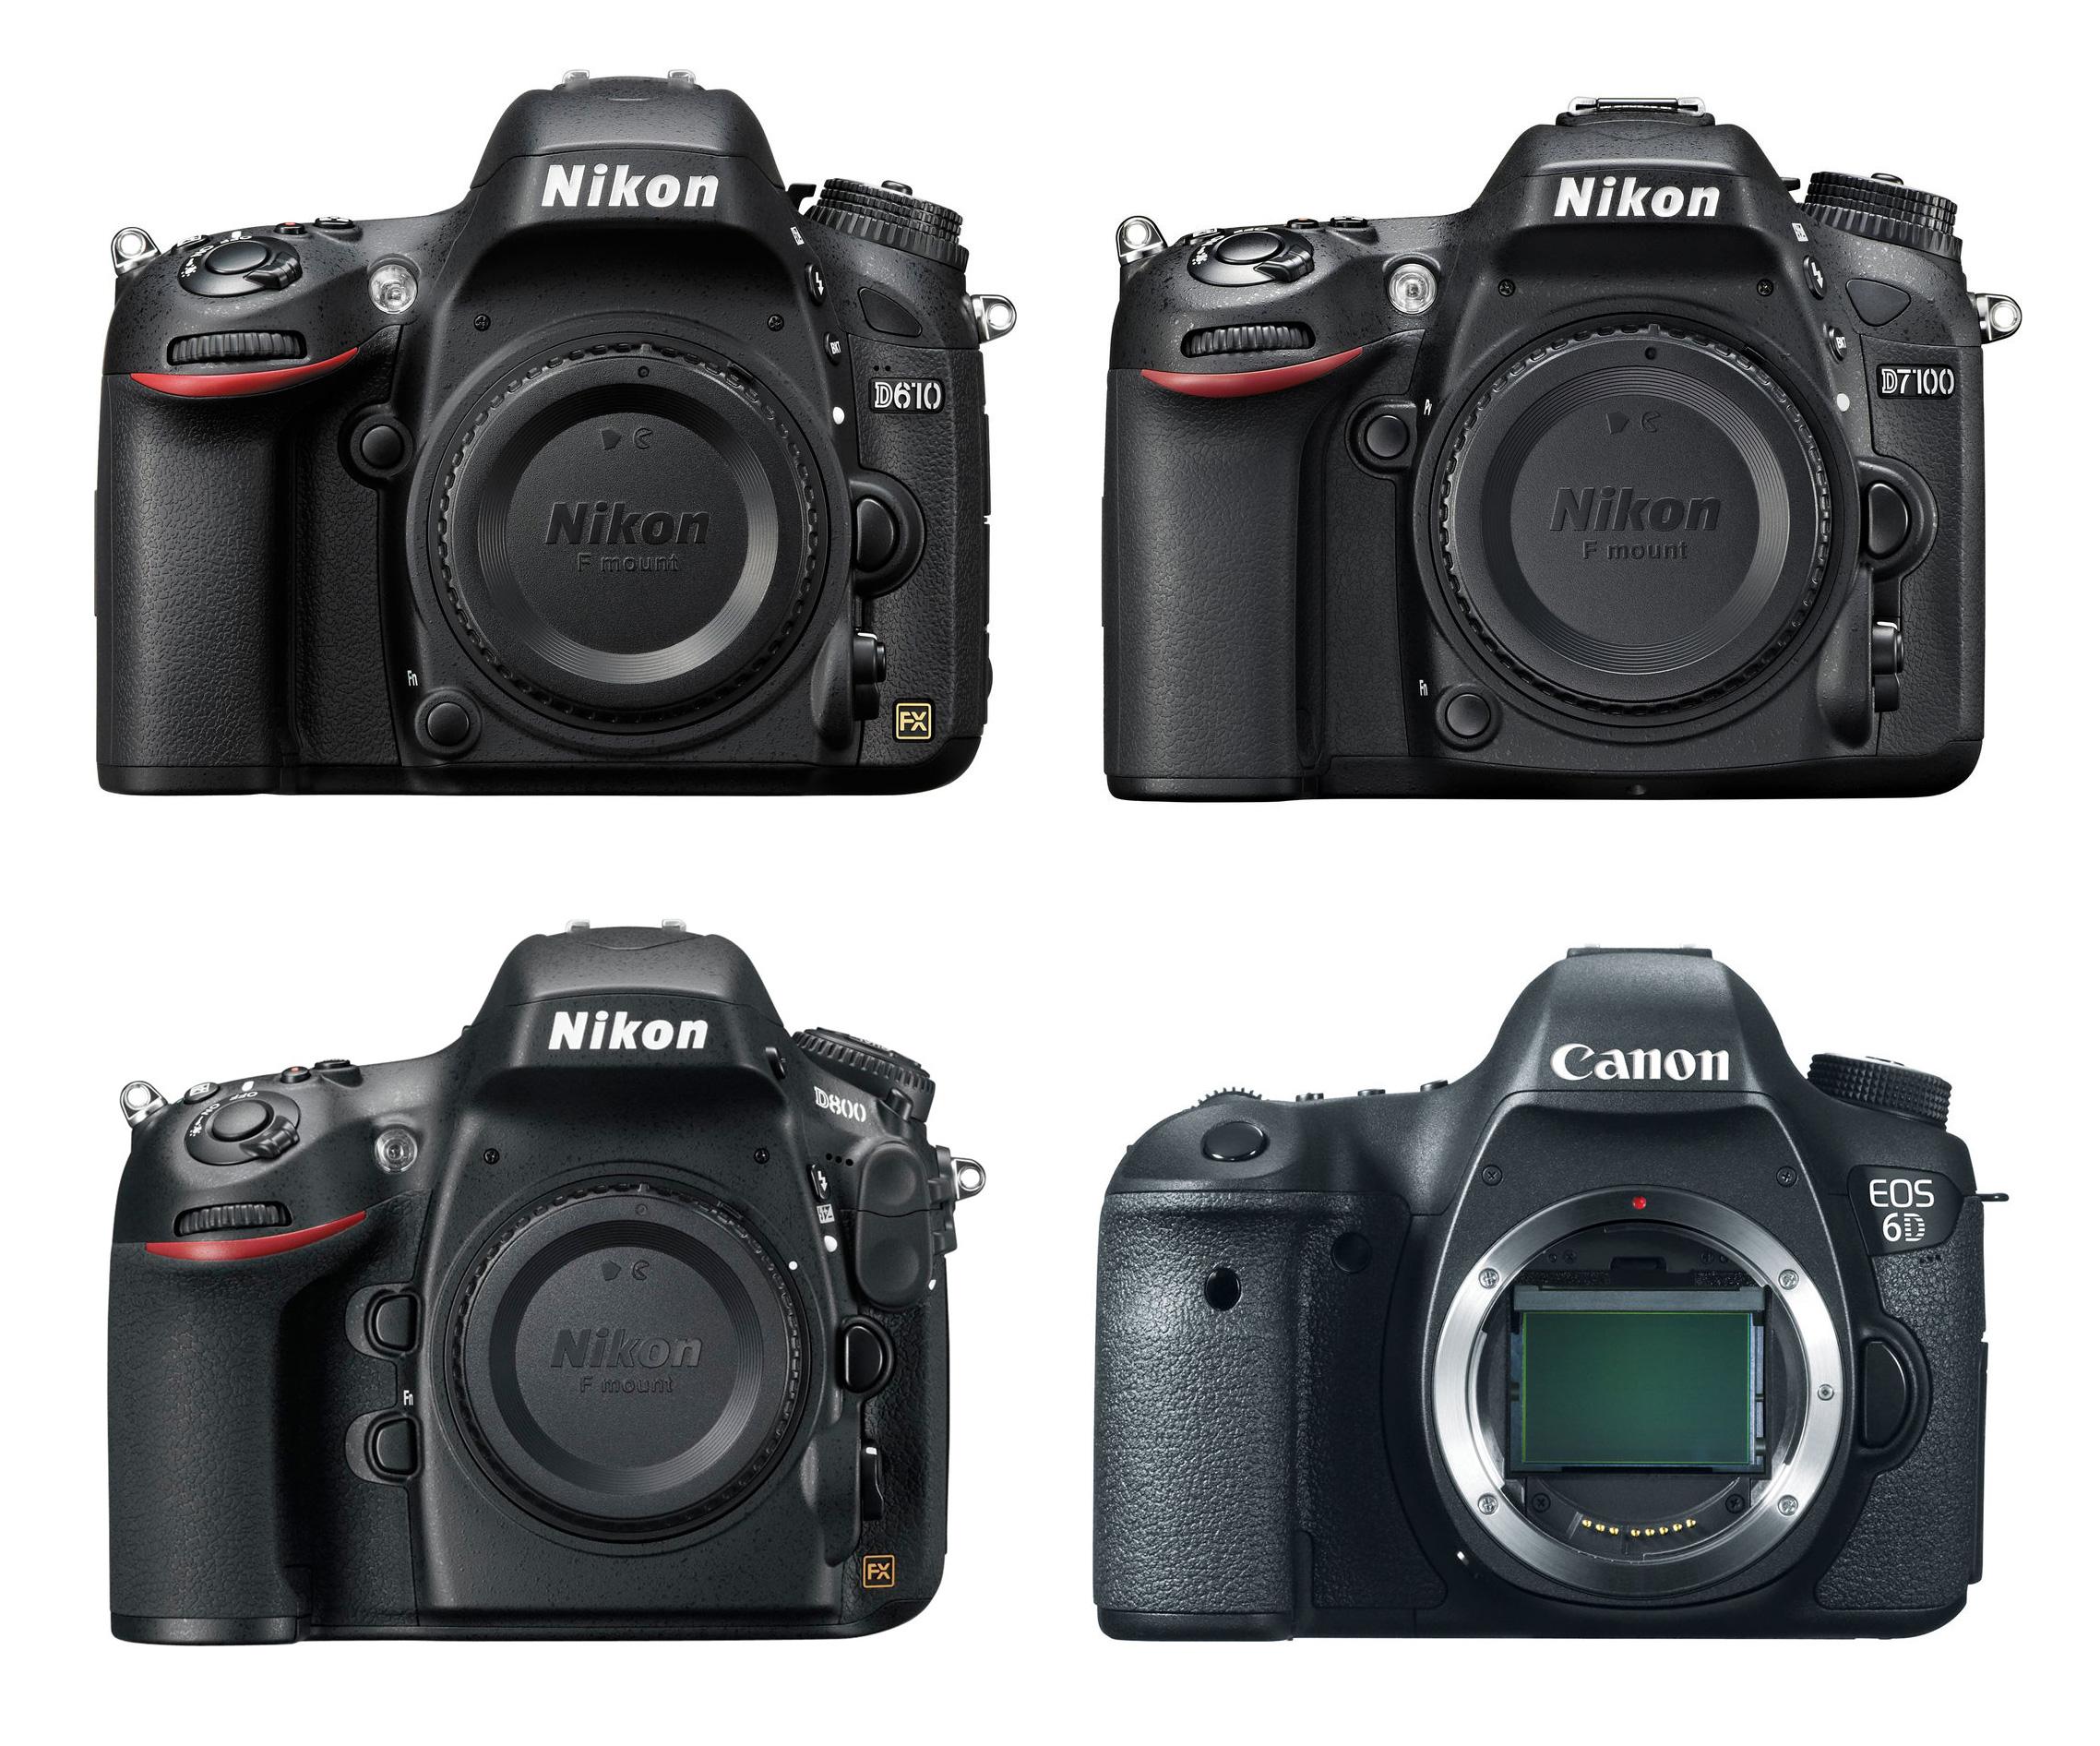 Nikon D610 Vs. D7100 Vs. D800 Vs. Canon 6D Specs Comparison | Camera ...